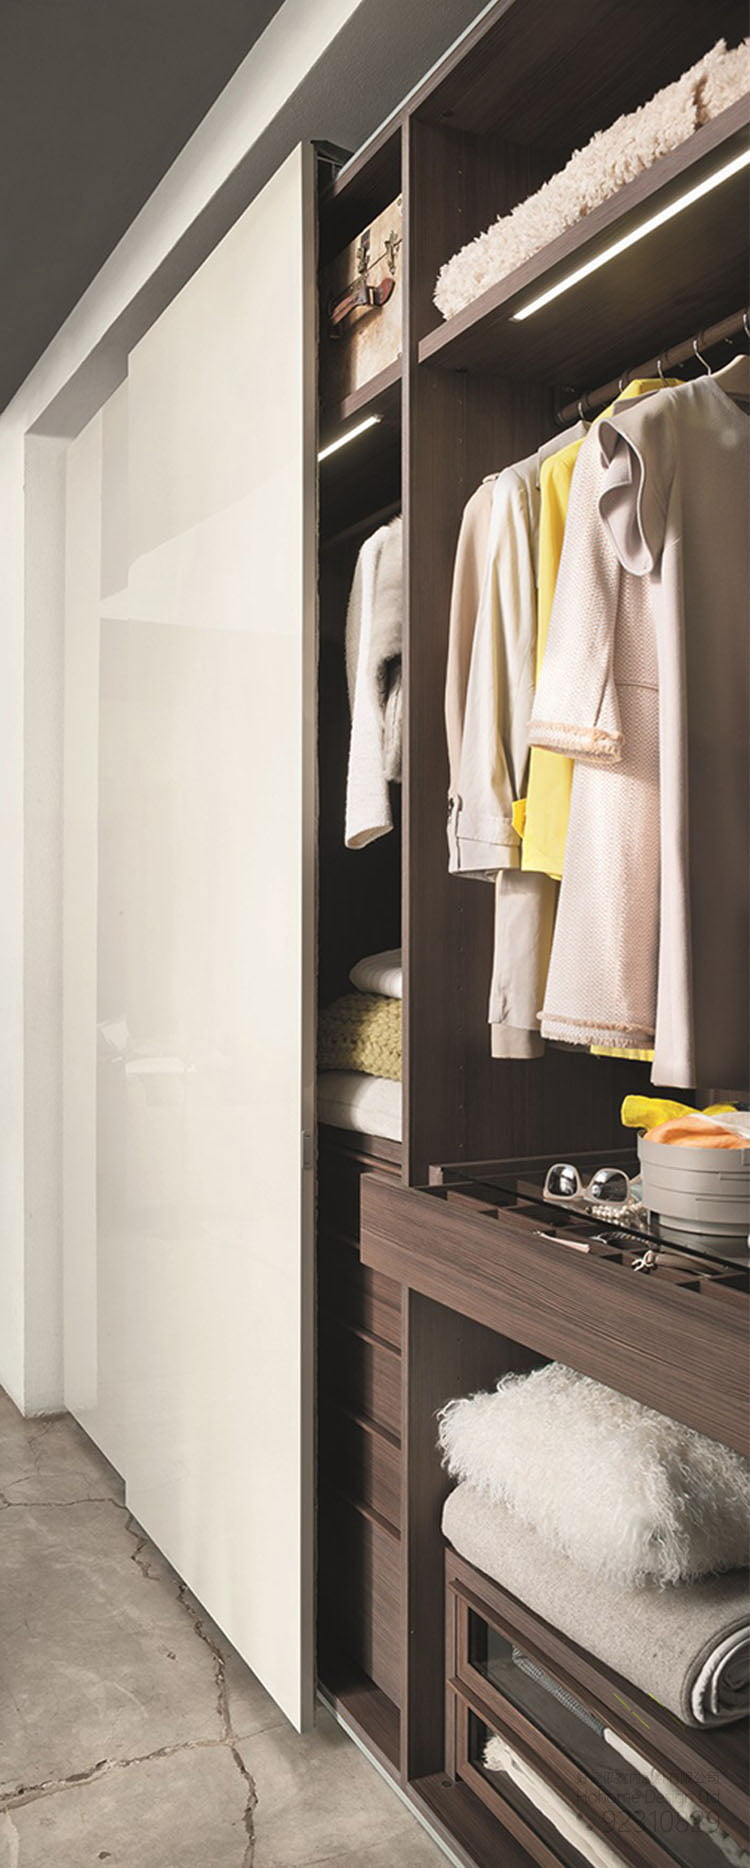 順滑靜音衣櫃電動巴士趟門軌道,適合應用在訂造衣櫃、儲物櫃、智能家居 / 智能家具、電視櫃、鞋櫃及趟門或其他由我們設計師建議的訂造傢俬之上